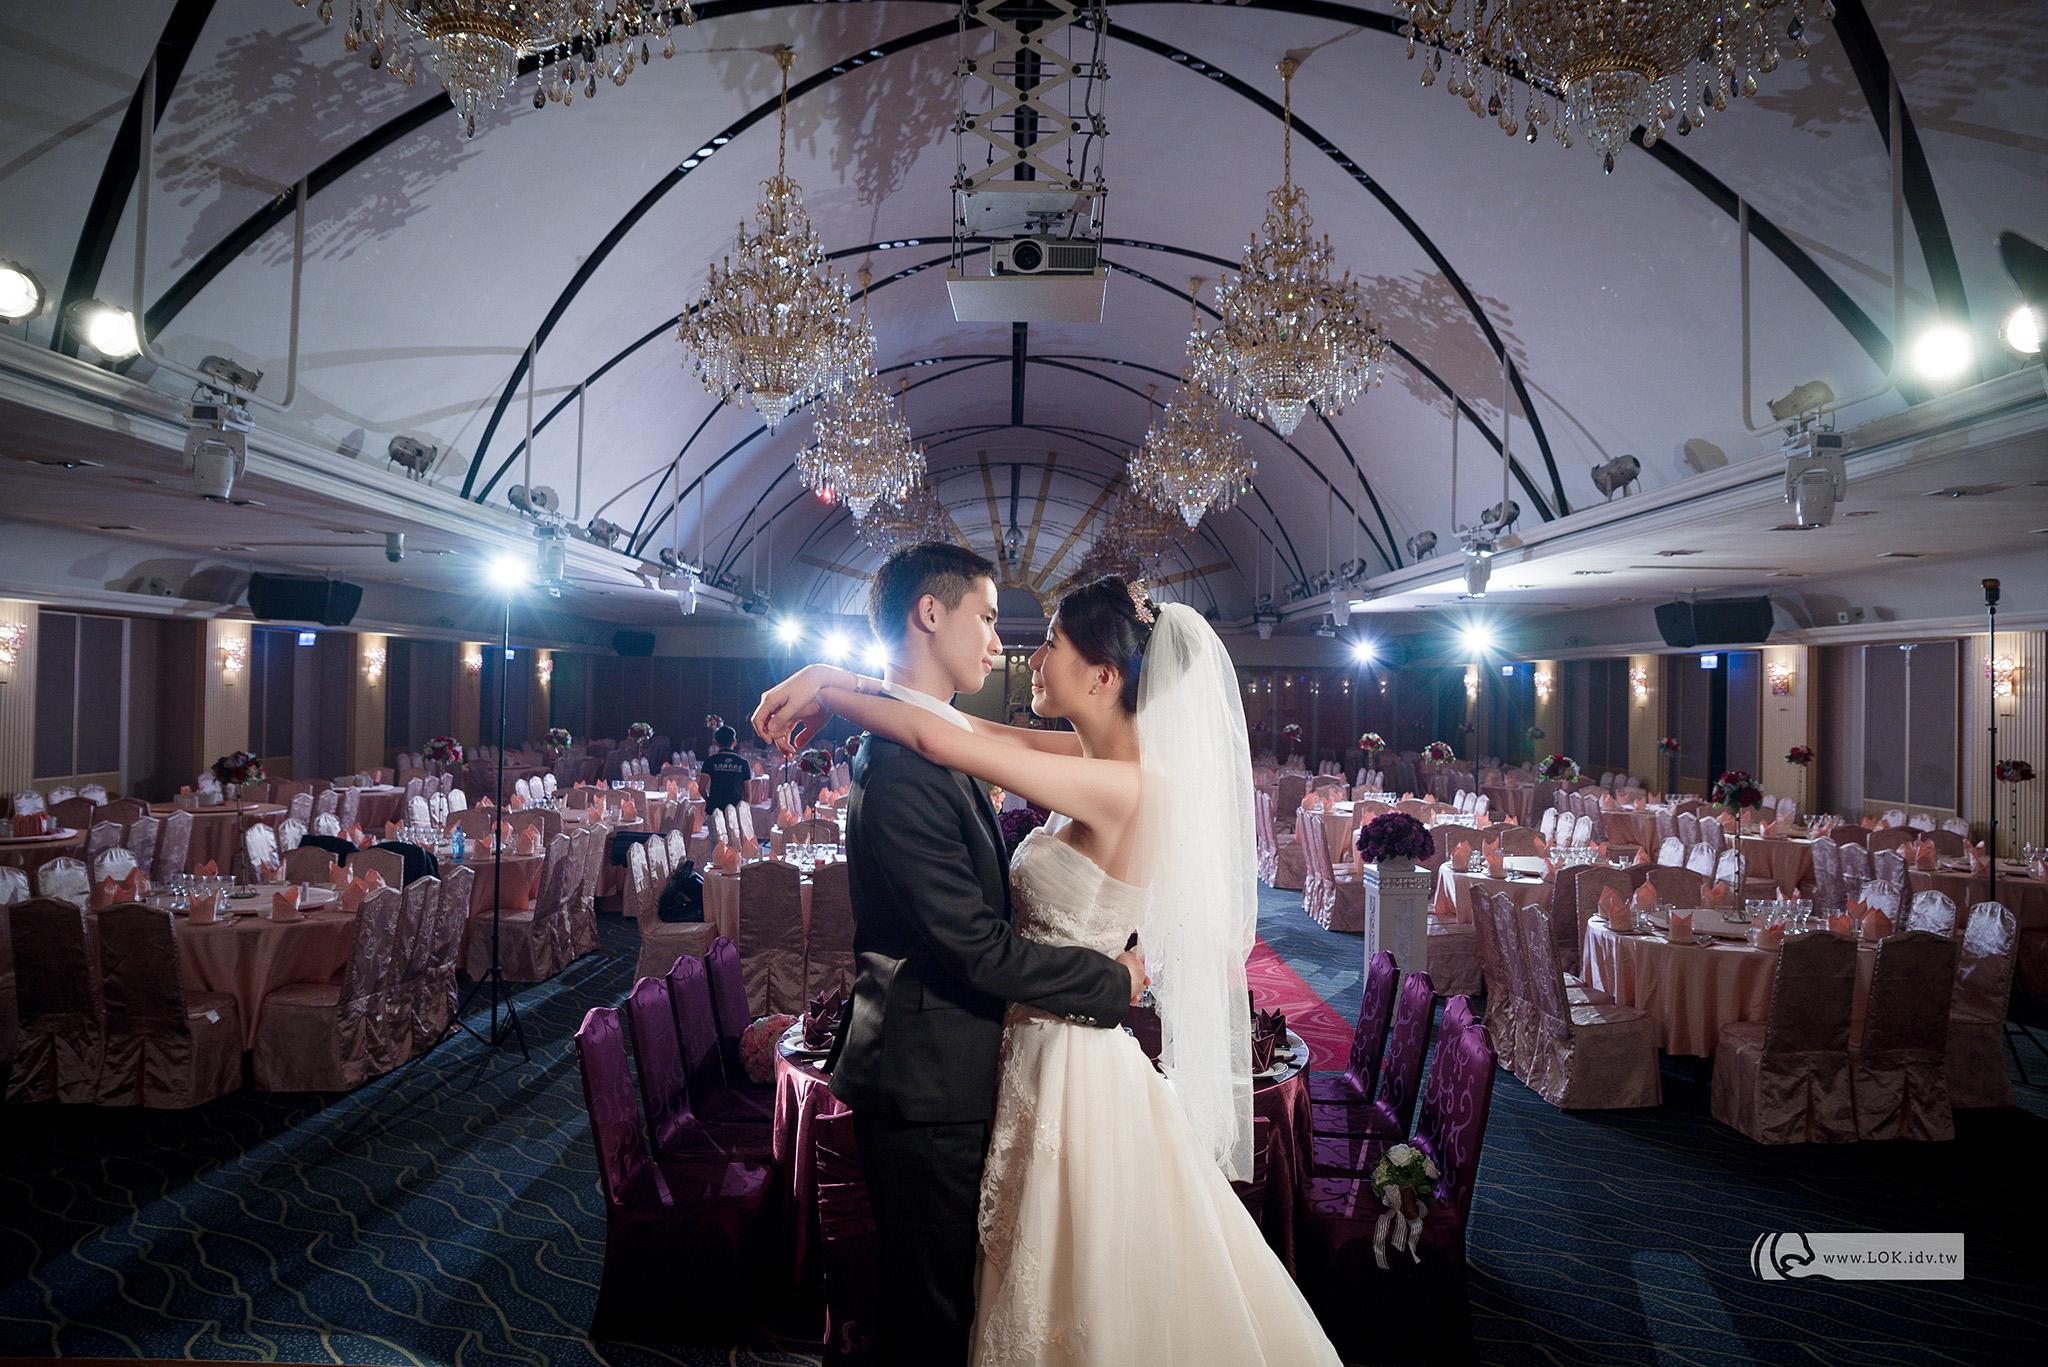 婚攝、婚禮記錄、婚禮攝影、多閃燈